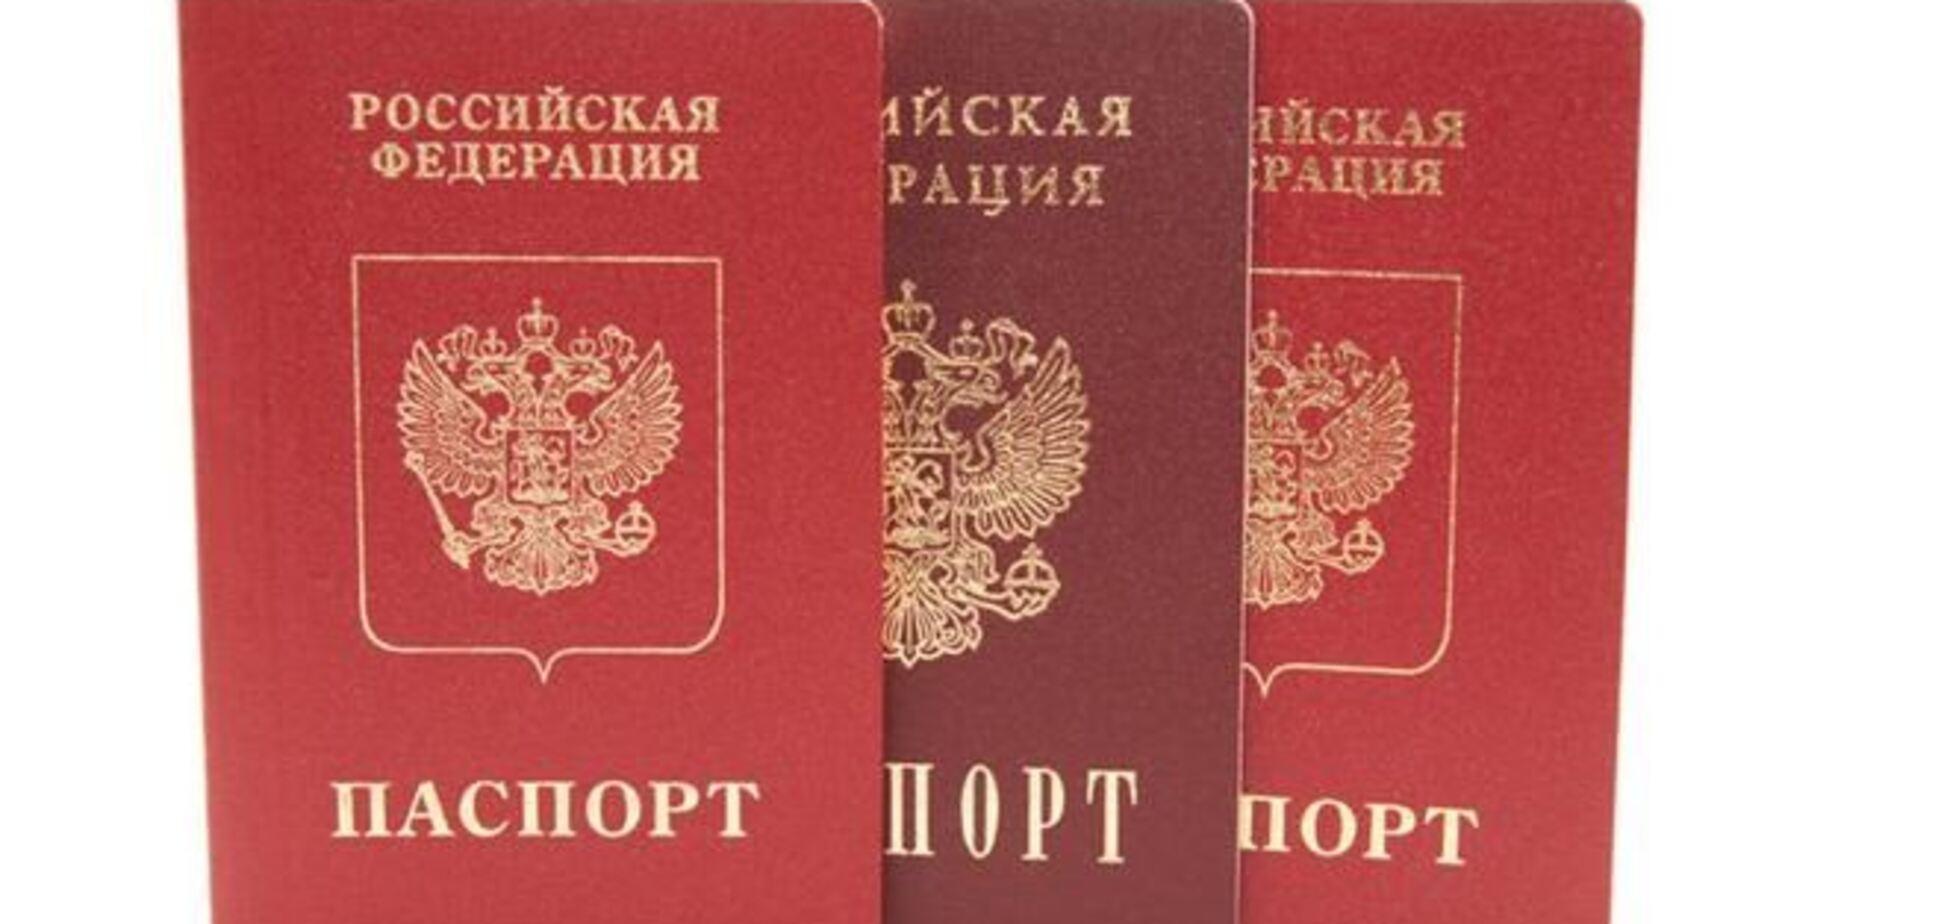 Крымчане получают паспорта с пропиской в Магадане?